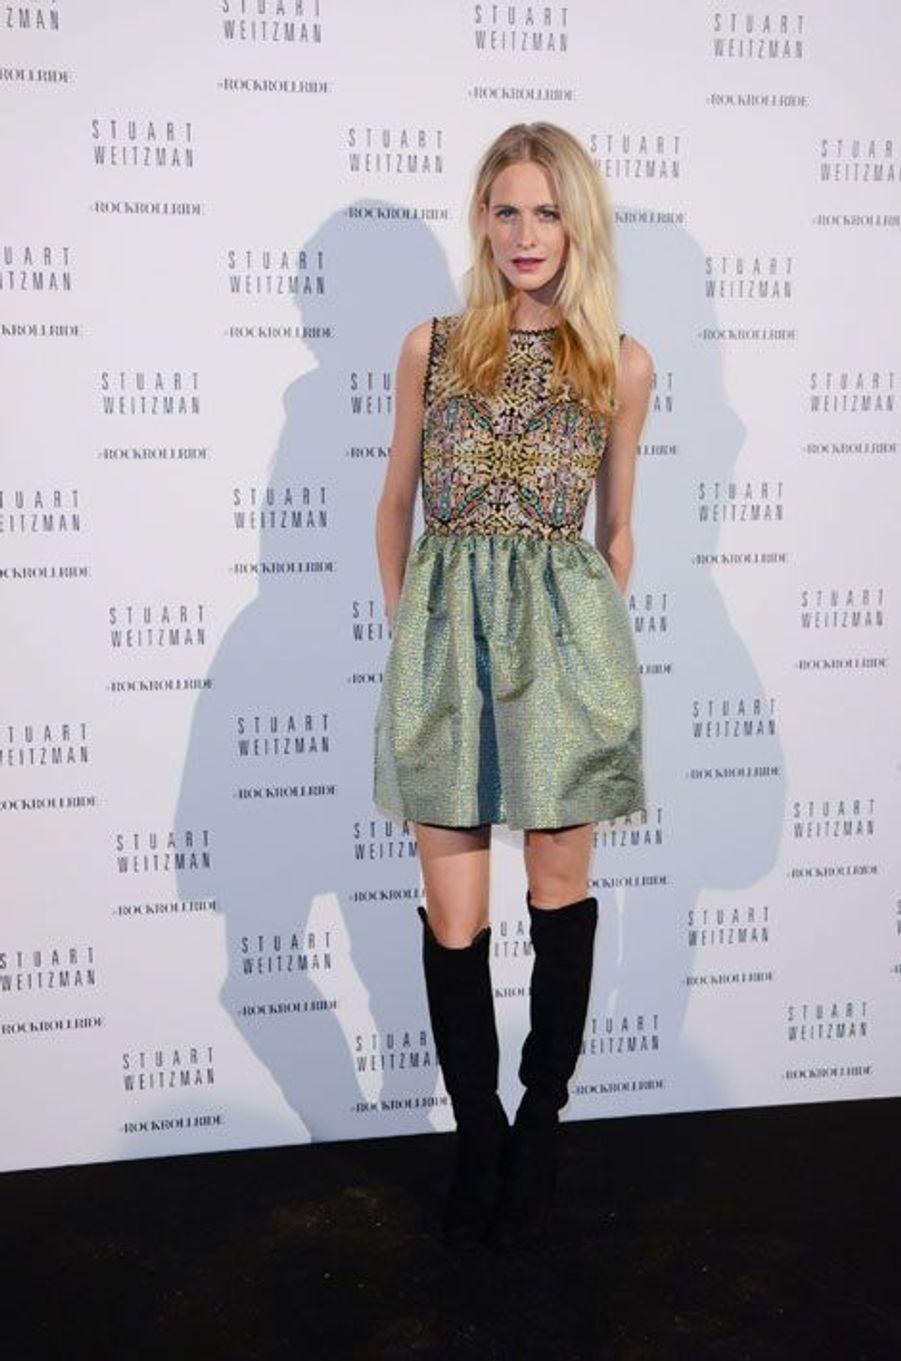 L'ancien mannequin Poppy Delevingne lors de la soirée organisée par la marque de chaussures Stuart Weitzman à Paris, le 28 septembre 2014